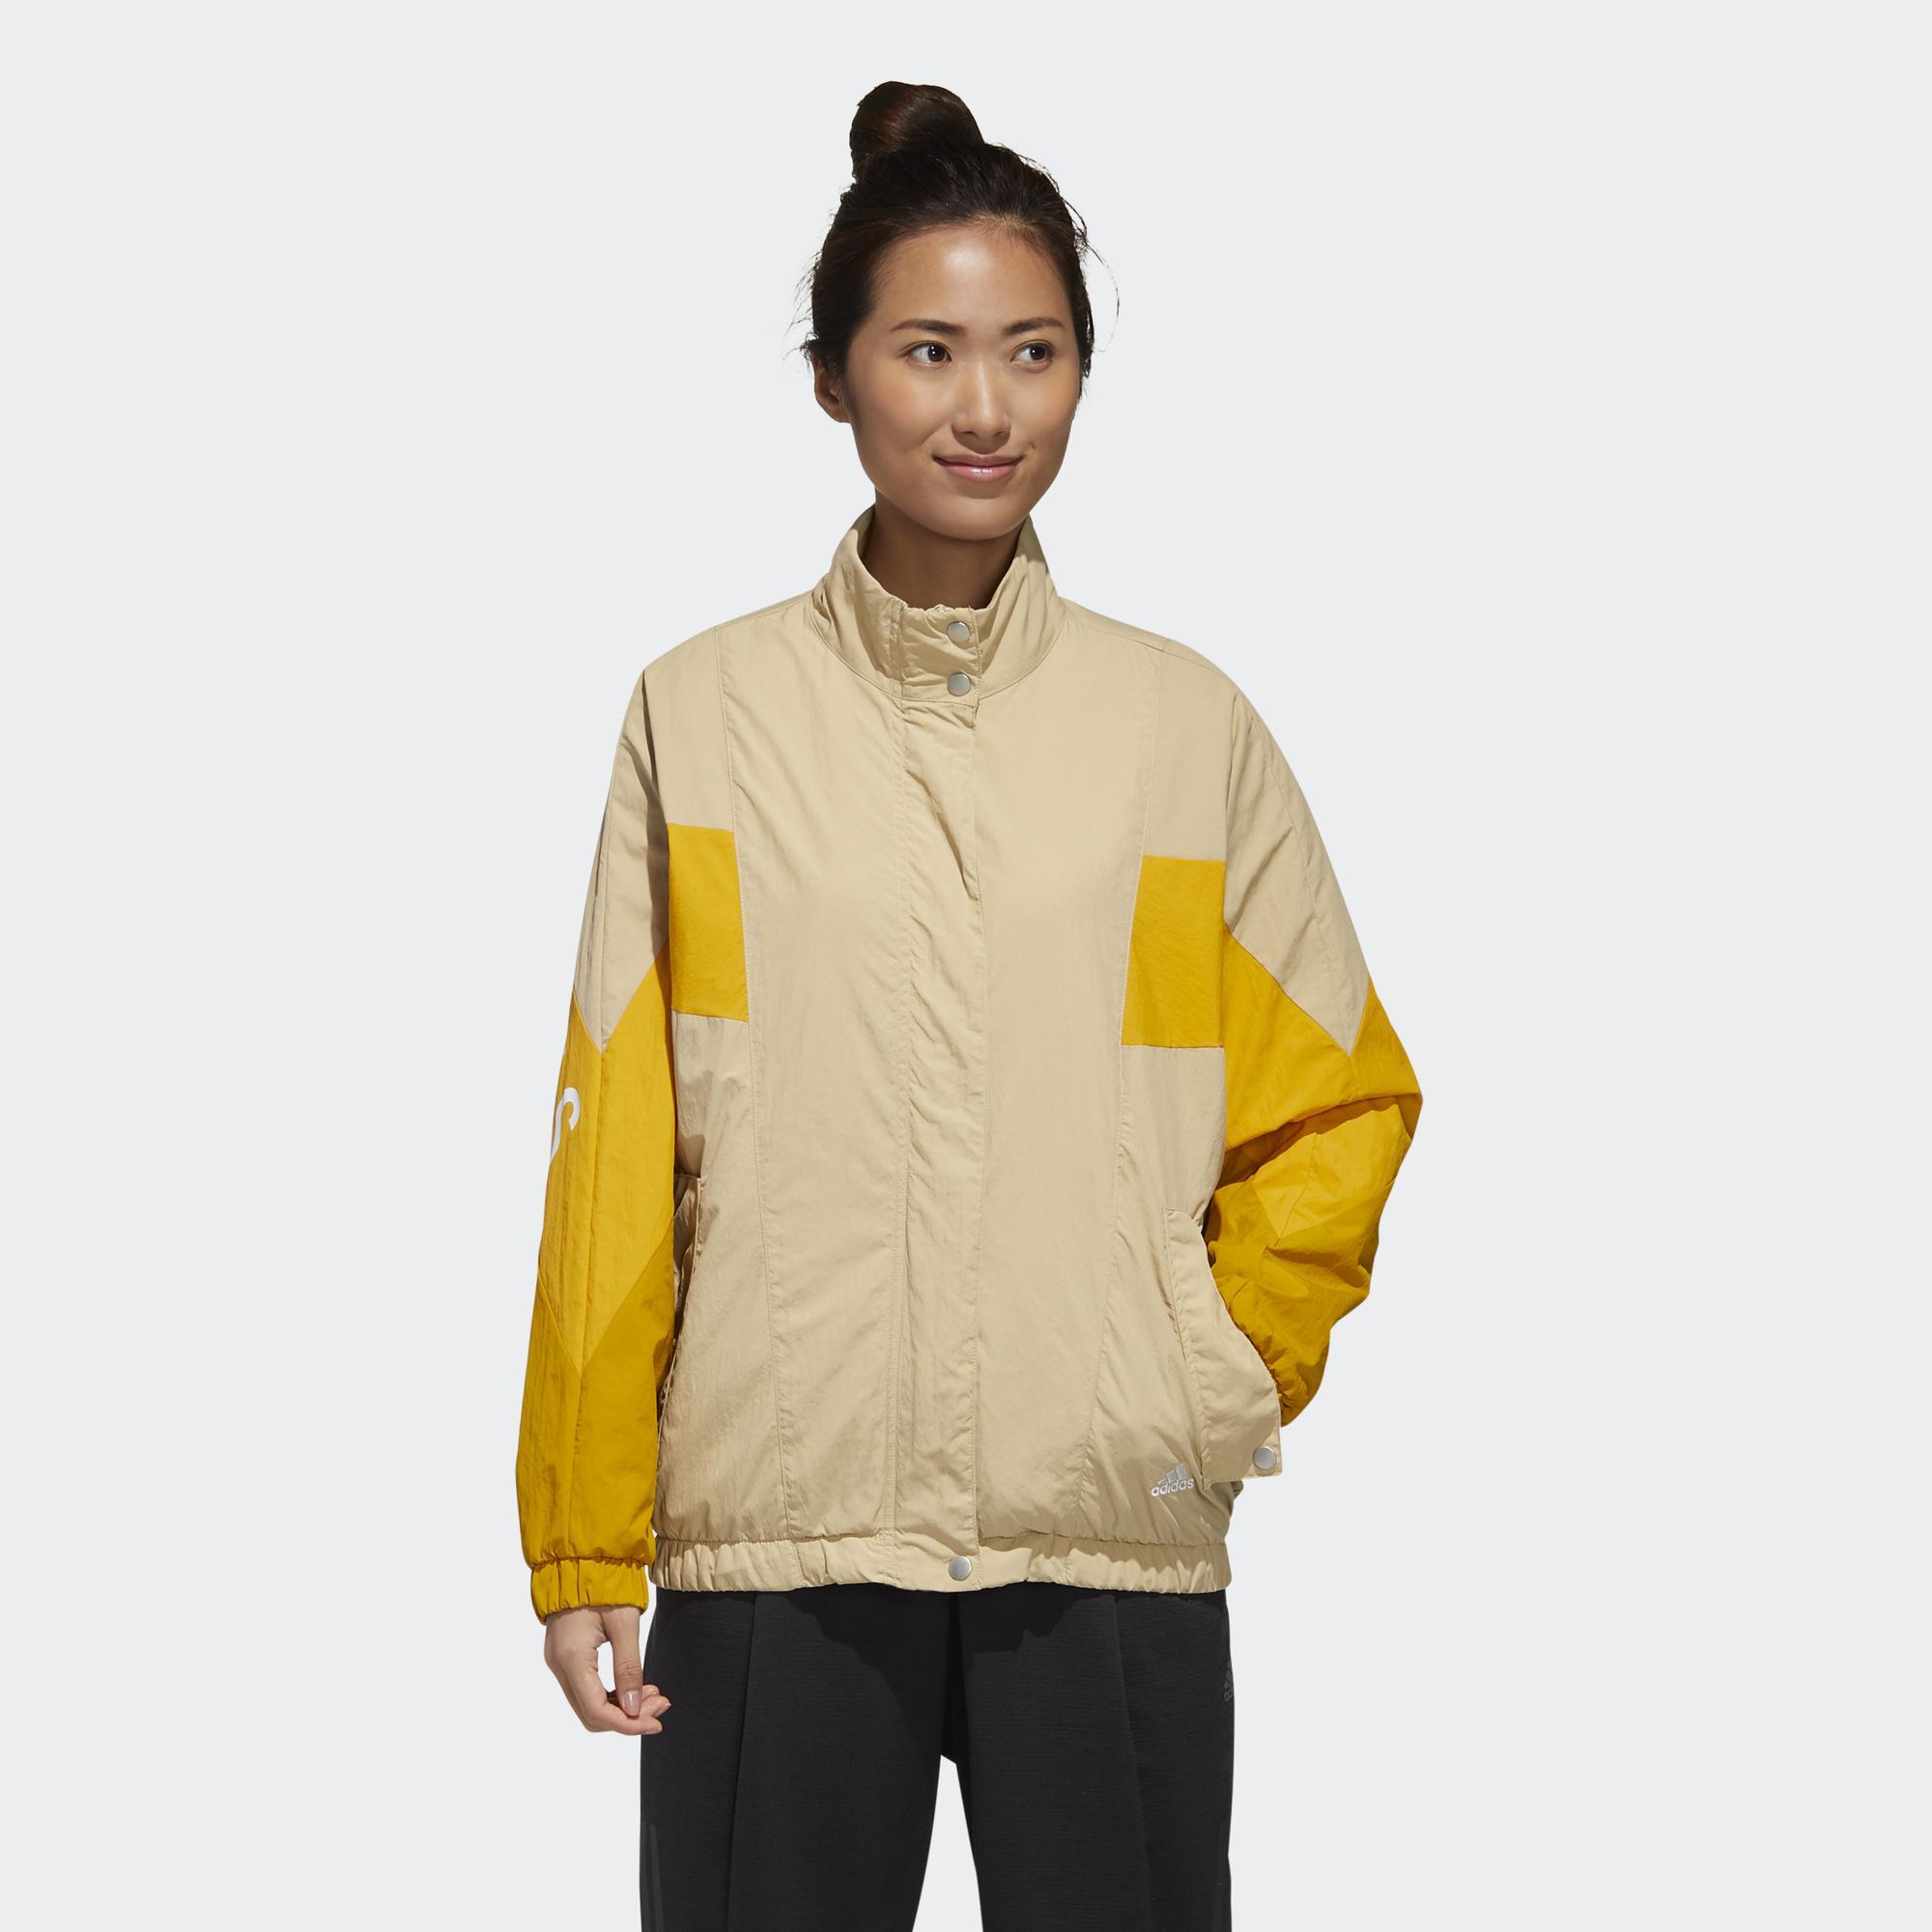 【滿額最高折318】Adidas W MHS WORDING 女裝 外套 風衣 休閒 按扣口袋 羅紋袖口 色塊 卡 黃【運動世界】GF6964